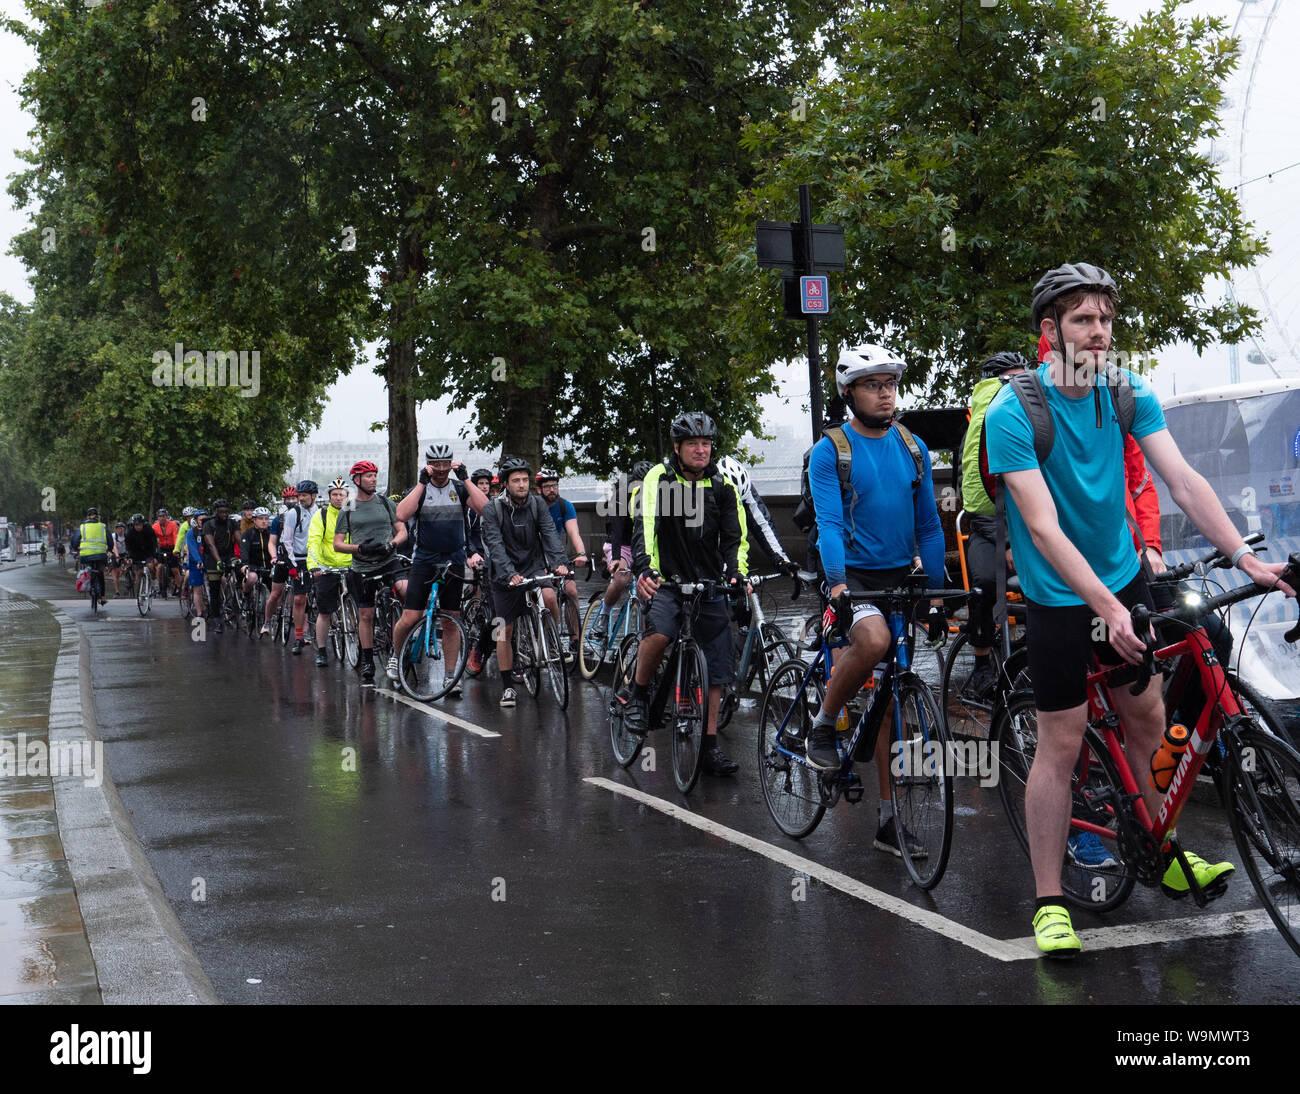 London, Großbritannien. 14. August 2019. Radfahrer Pendler sind durch den Regen wie auf dieser Radfahren Lane in der Nähe von Westminster Bridge dieser frühen Abend abschrecken. Credit: Joe Kuis/Alamy Nachrichten Stockfoto